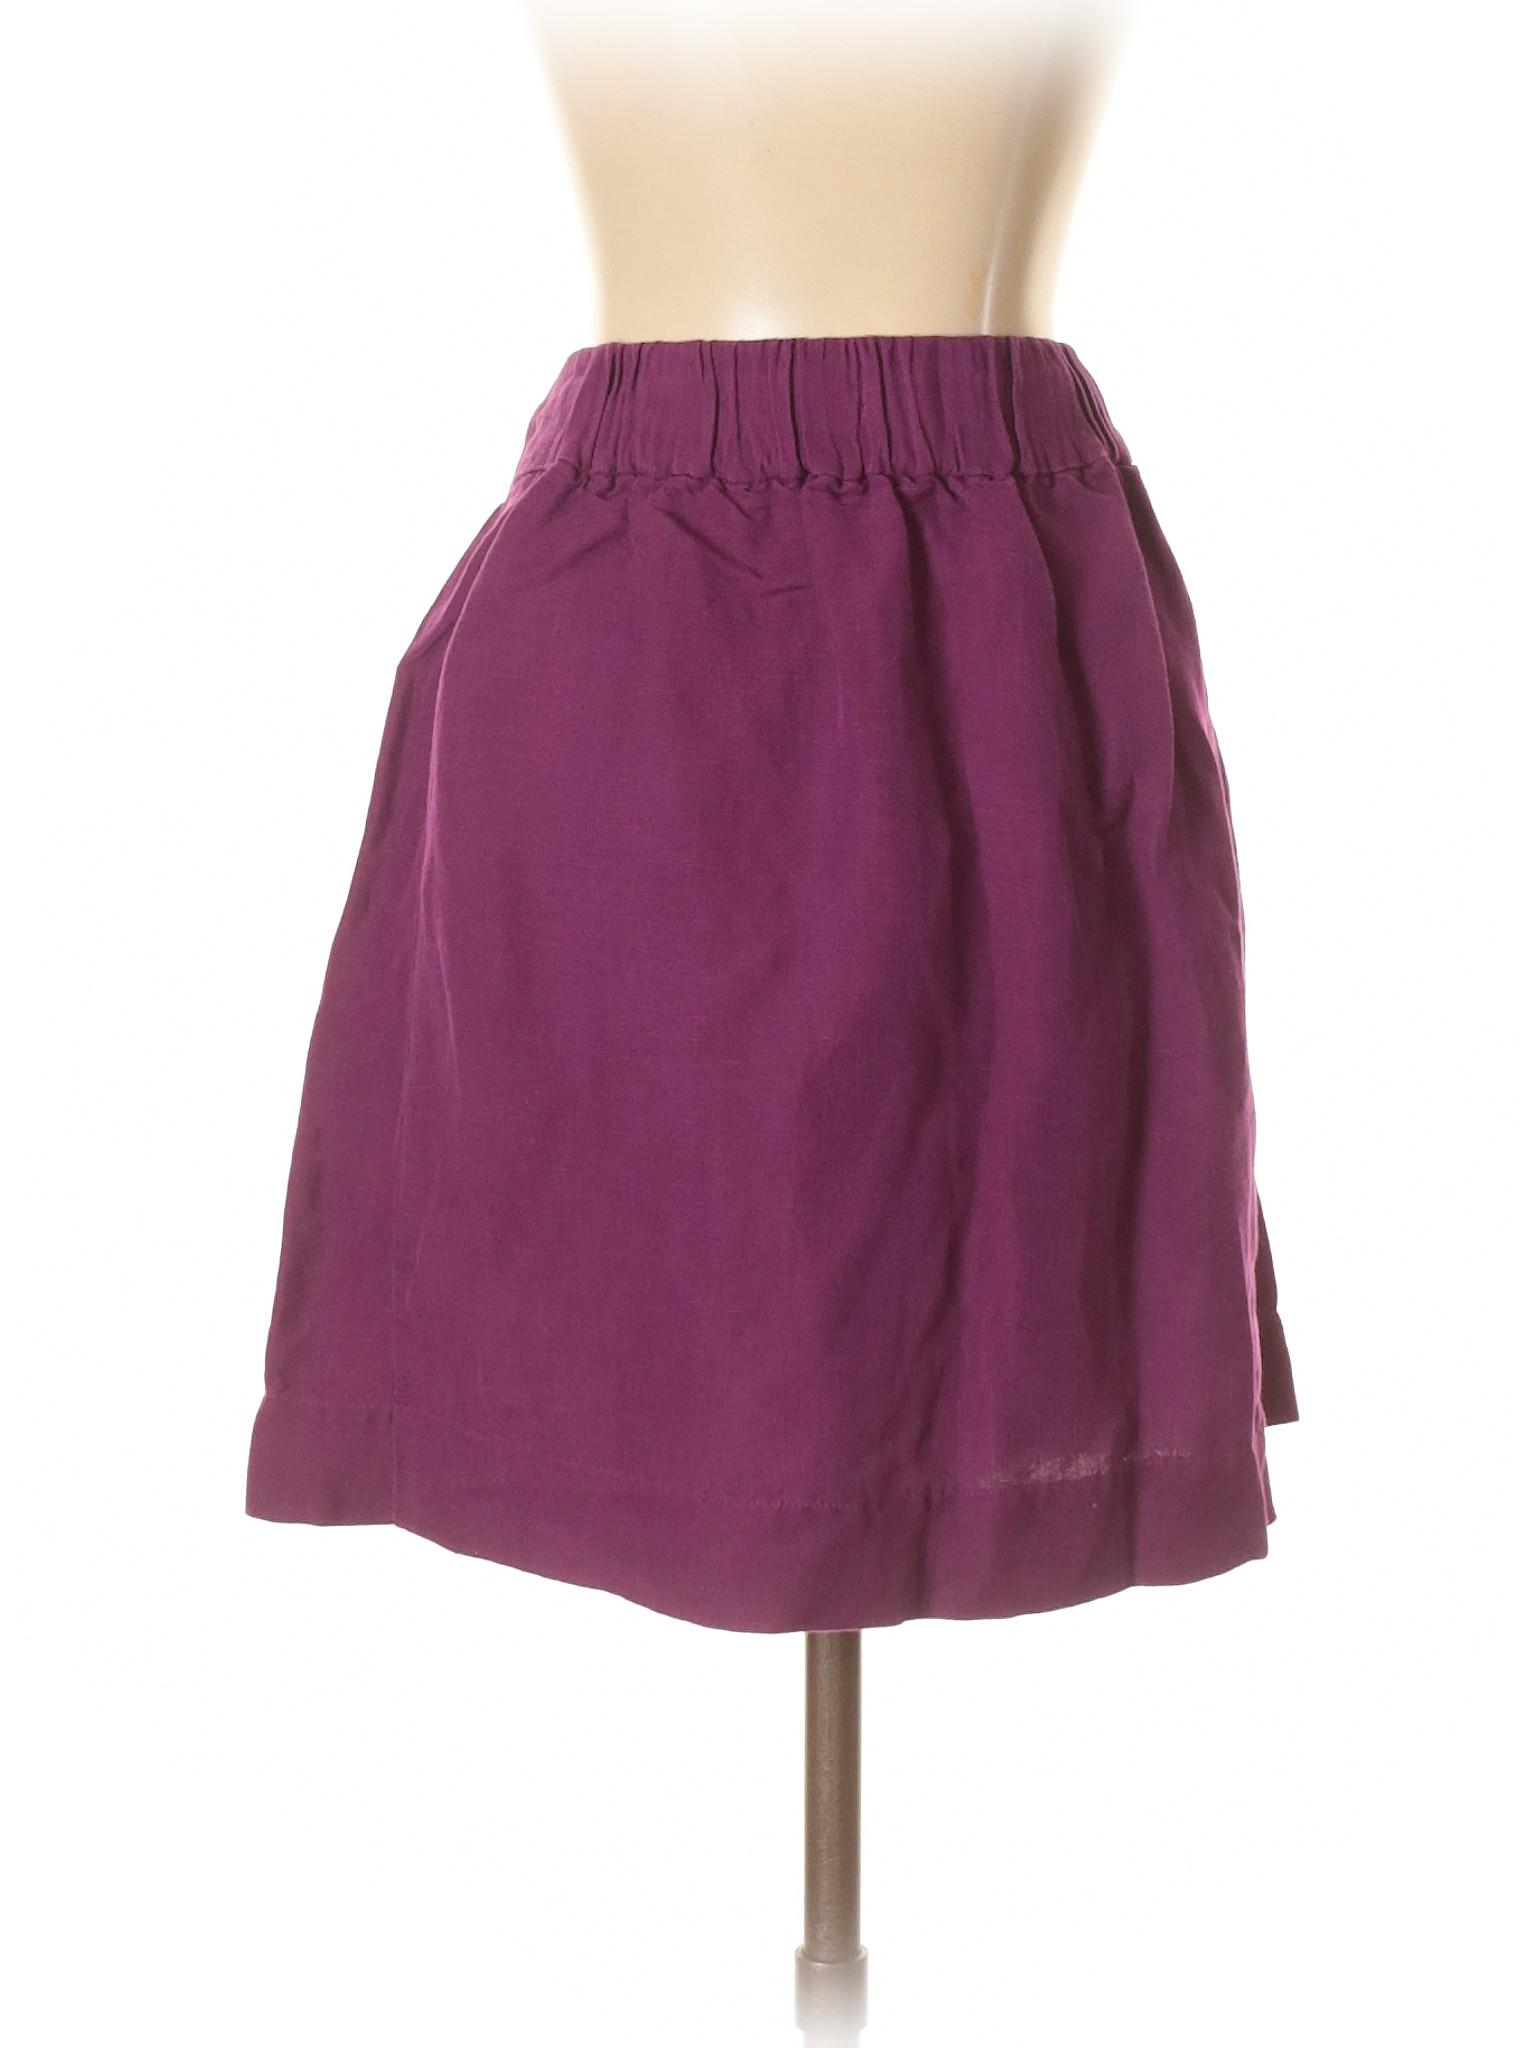 Taylor Casual winter Leisure Ann LOFT Skirt E44RHqxw